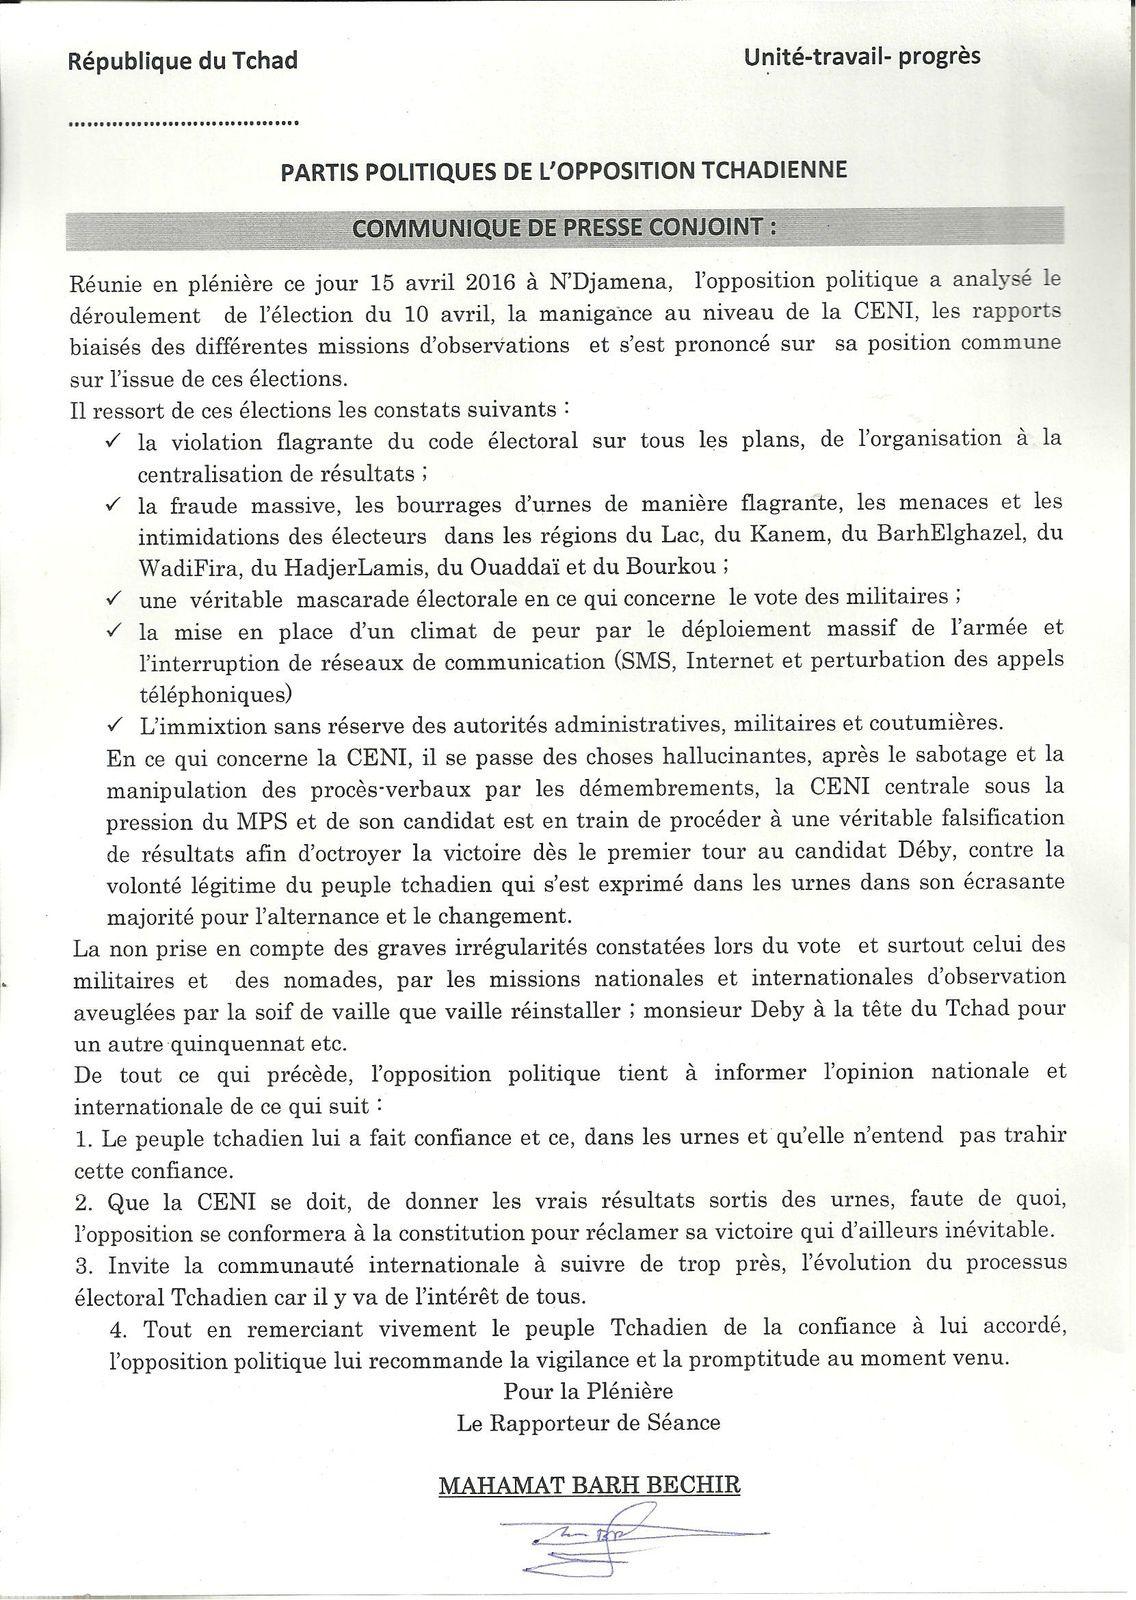 Violation flagrante du code électoral au Tchad